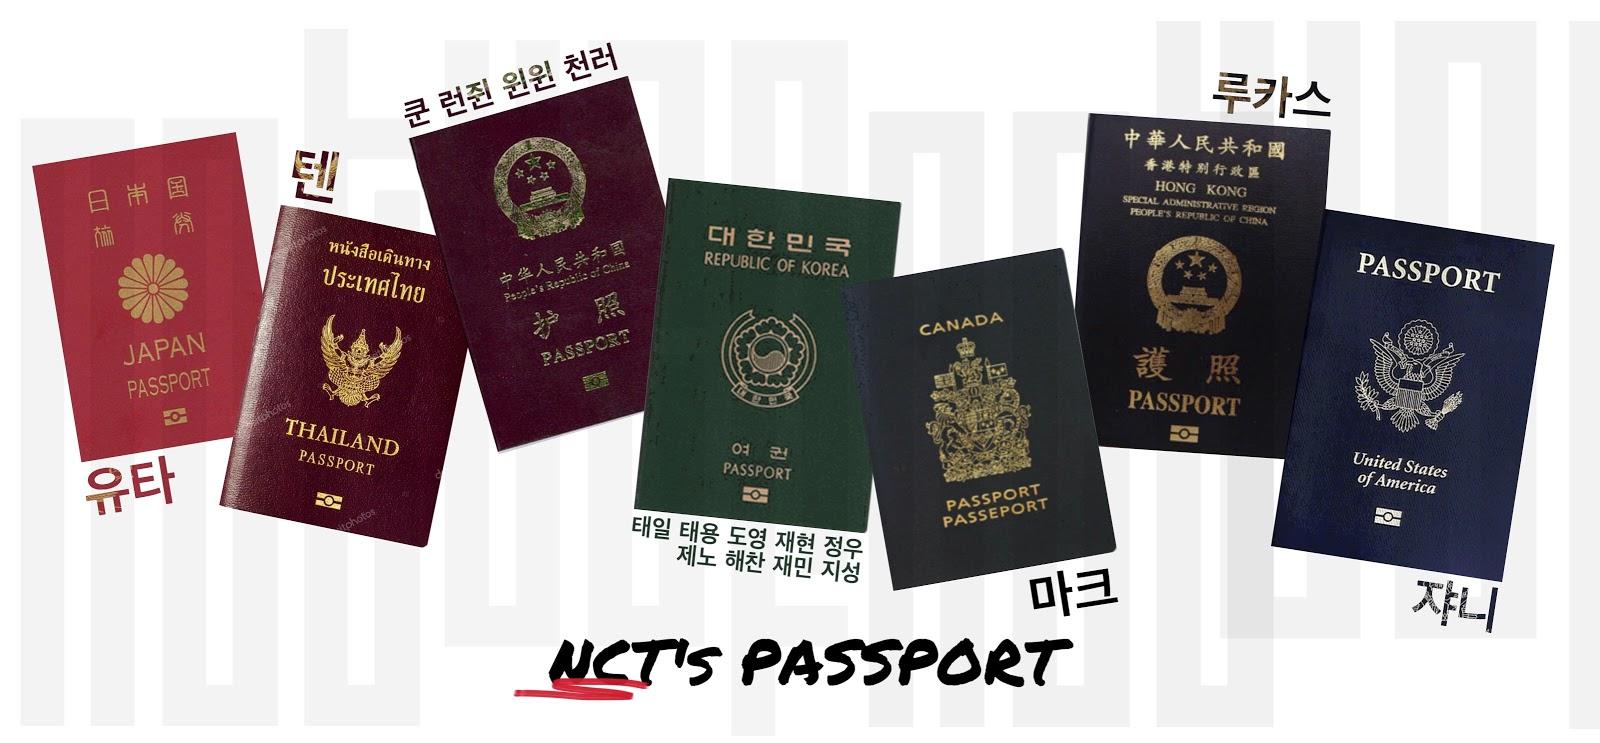 passport nct (1)